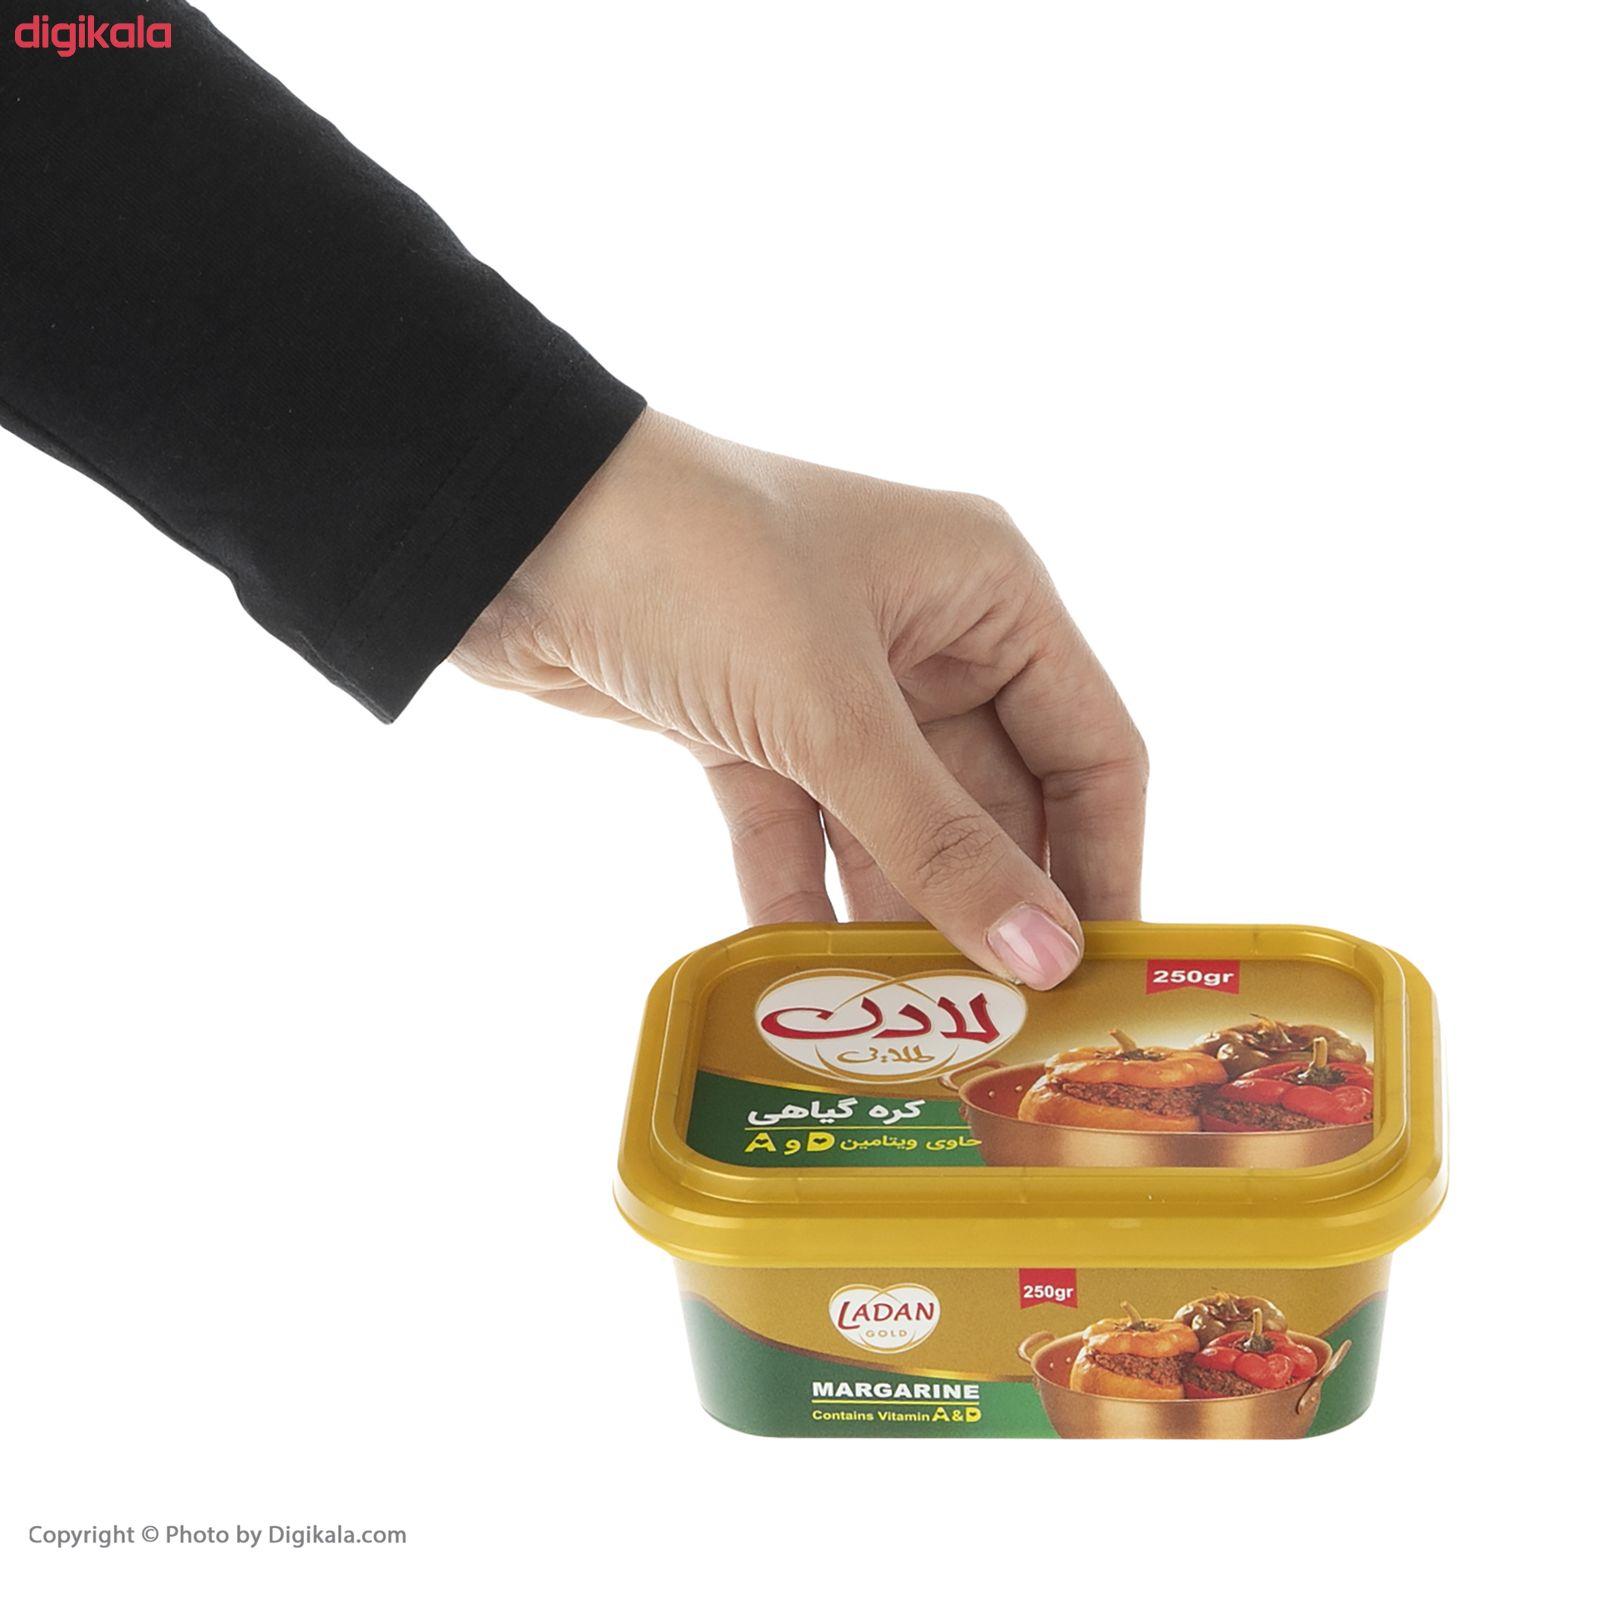 کره گیاهی لادن - 250 گرم  main 1 3